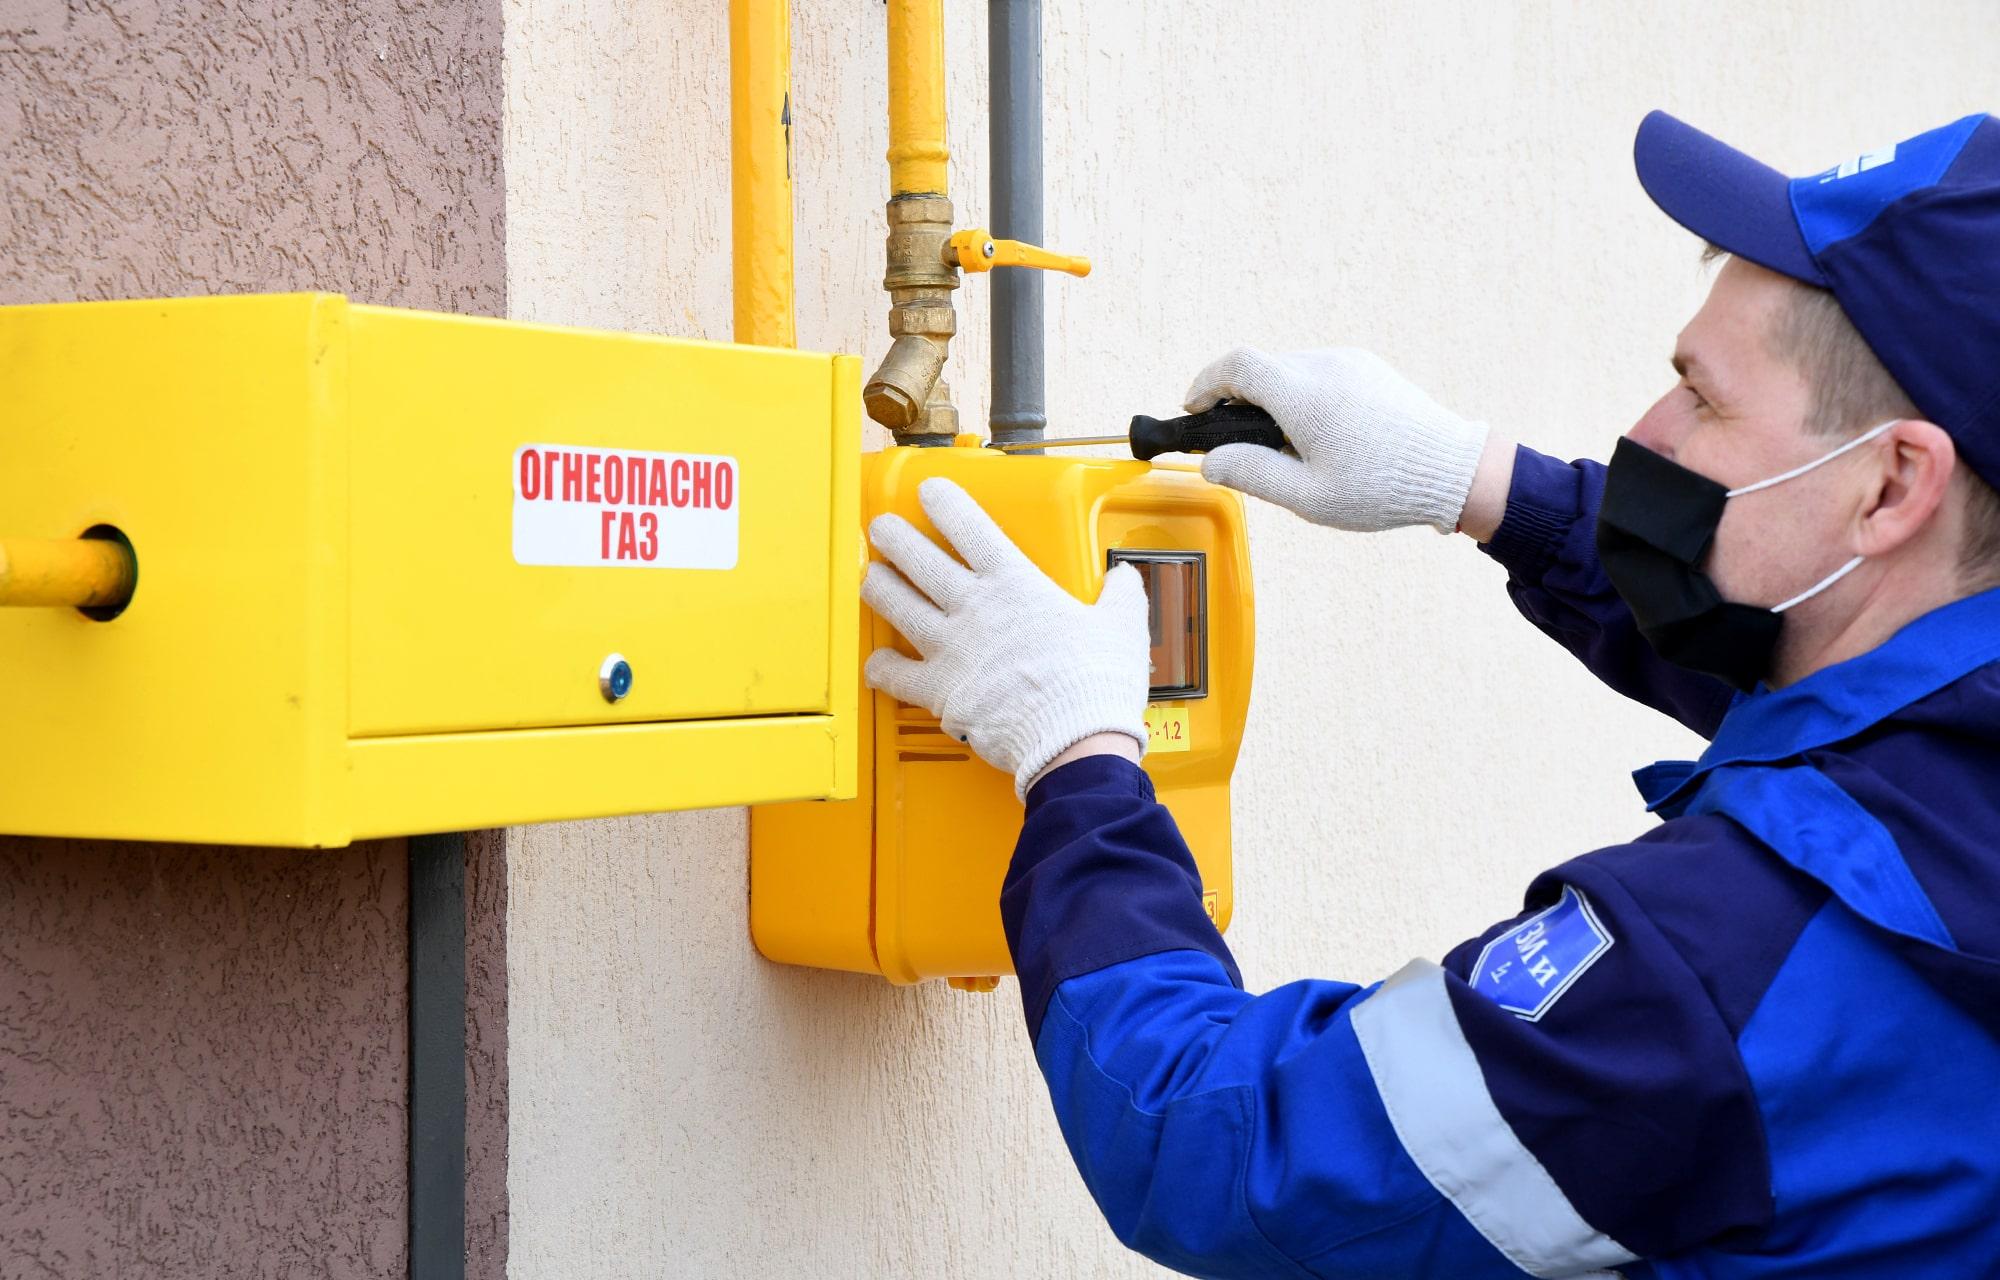 Жители Тверской области смогут подать заявление на подключение домохозяйства к газу в МФЦ